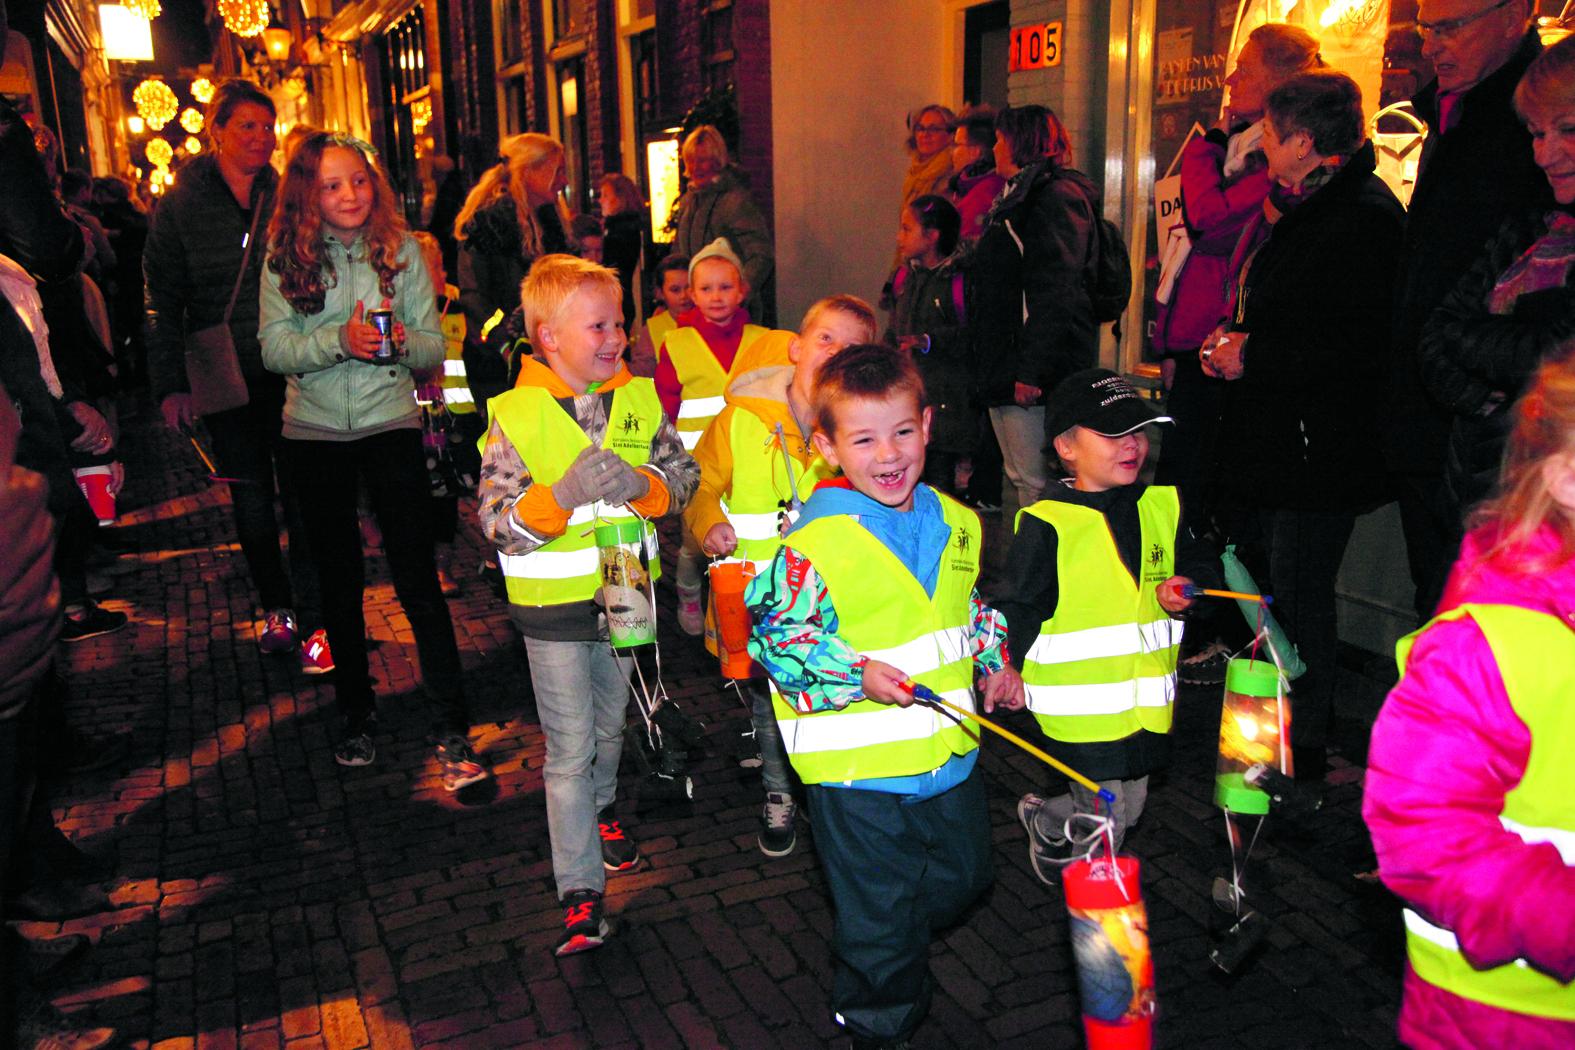 Elk jaar weer is het een prachtig gezicht wanneer de straten in centrum Alkmaar zich vullen met stralende gezichtjes en duizenden lichtjes. (Foto: aangeleverd)